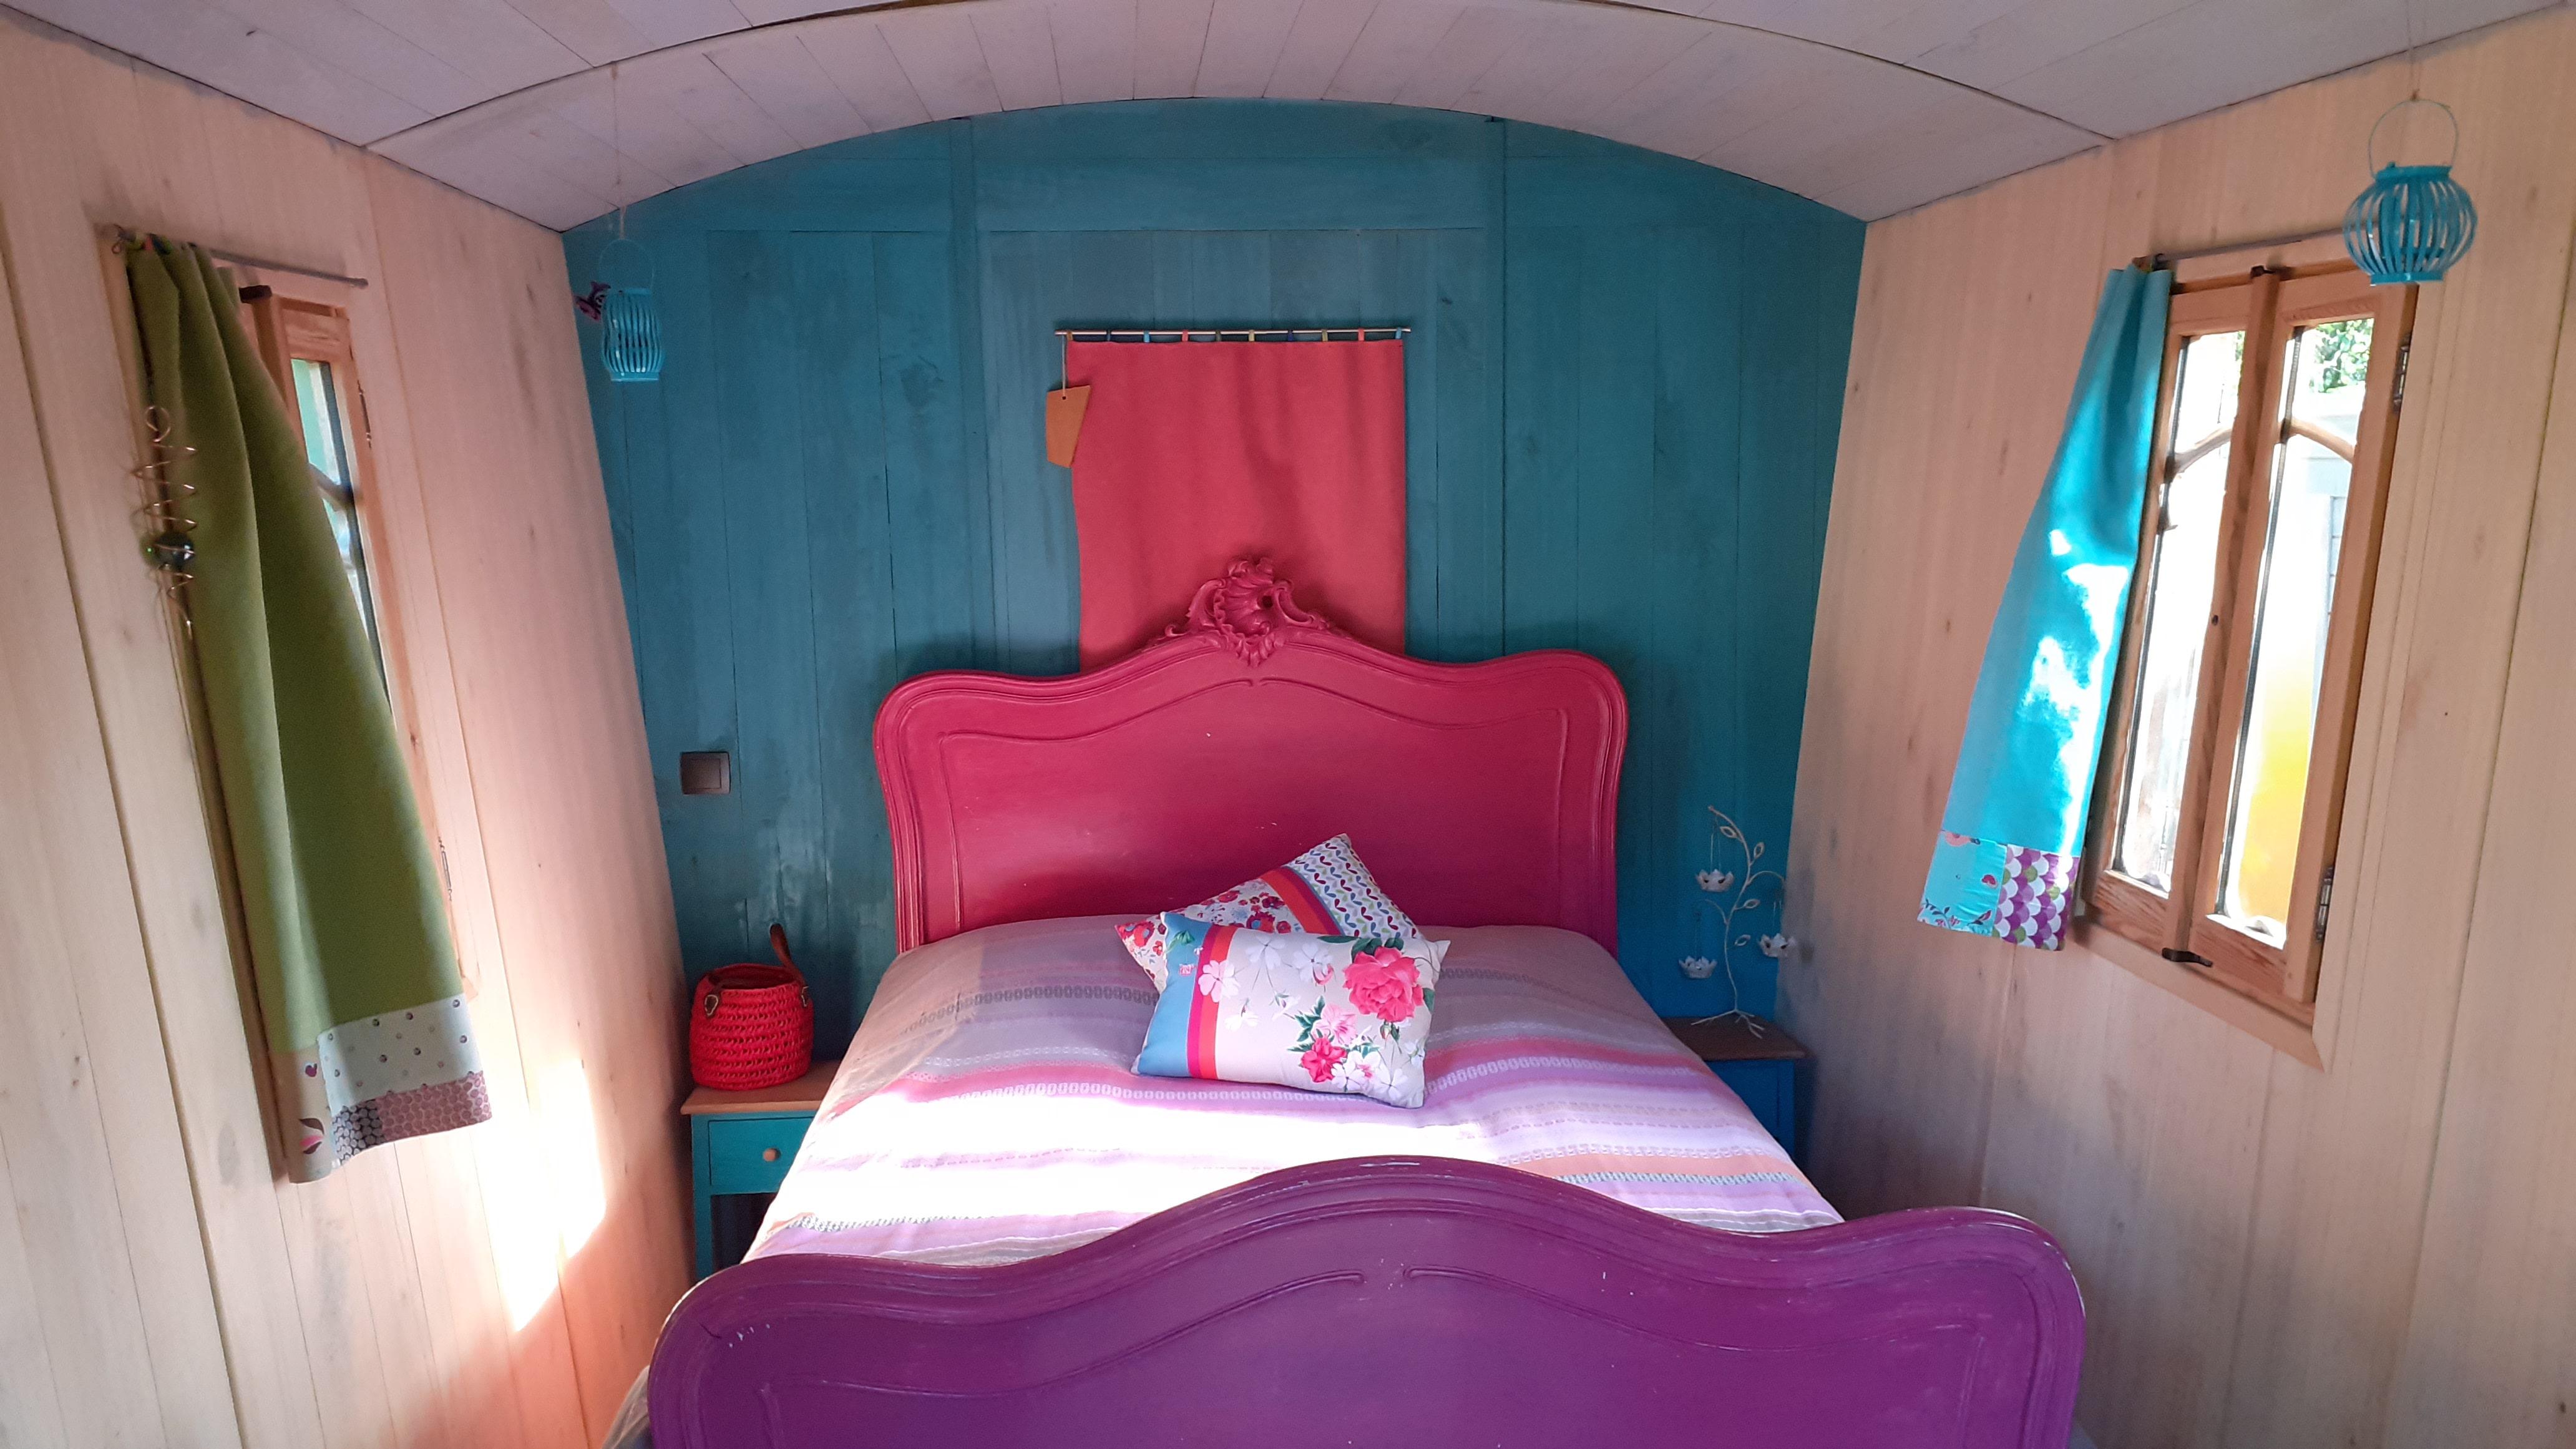 Le lit de la roulotte est dans les tons de violet.